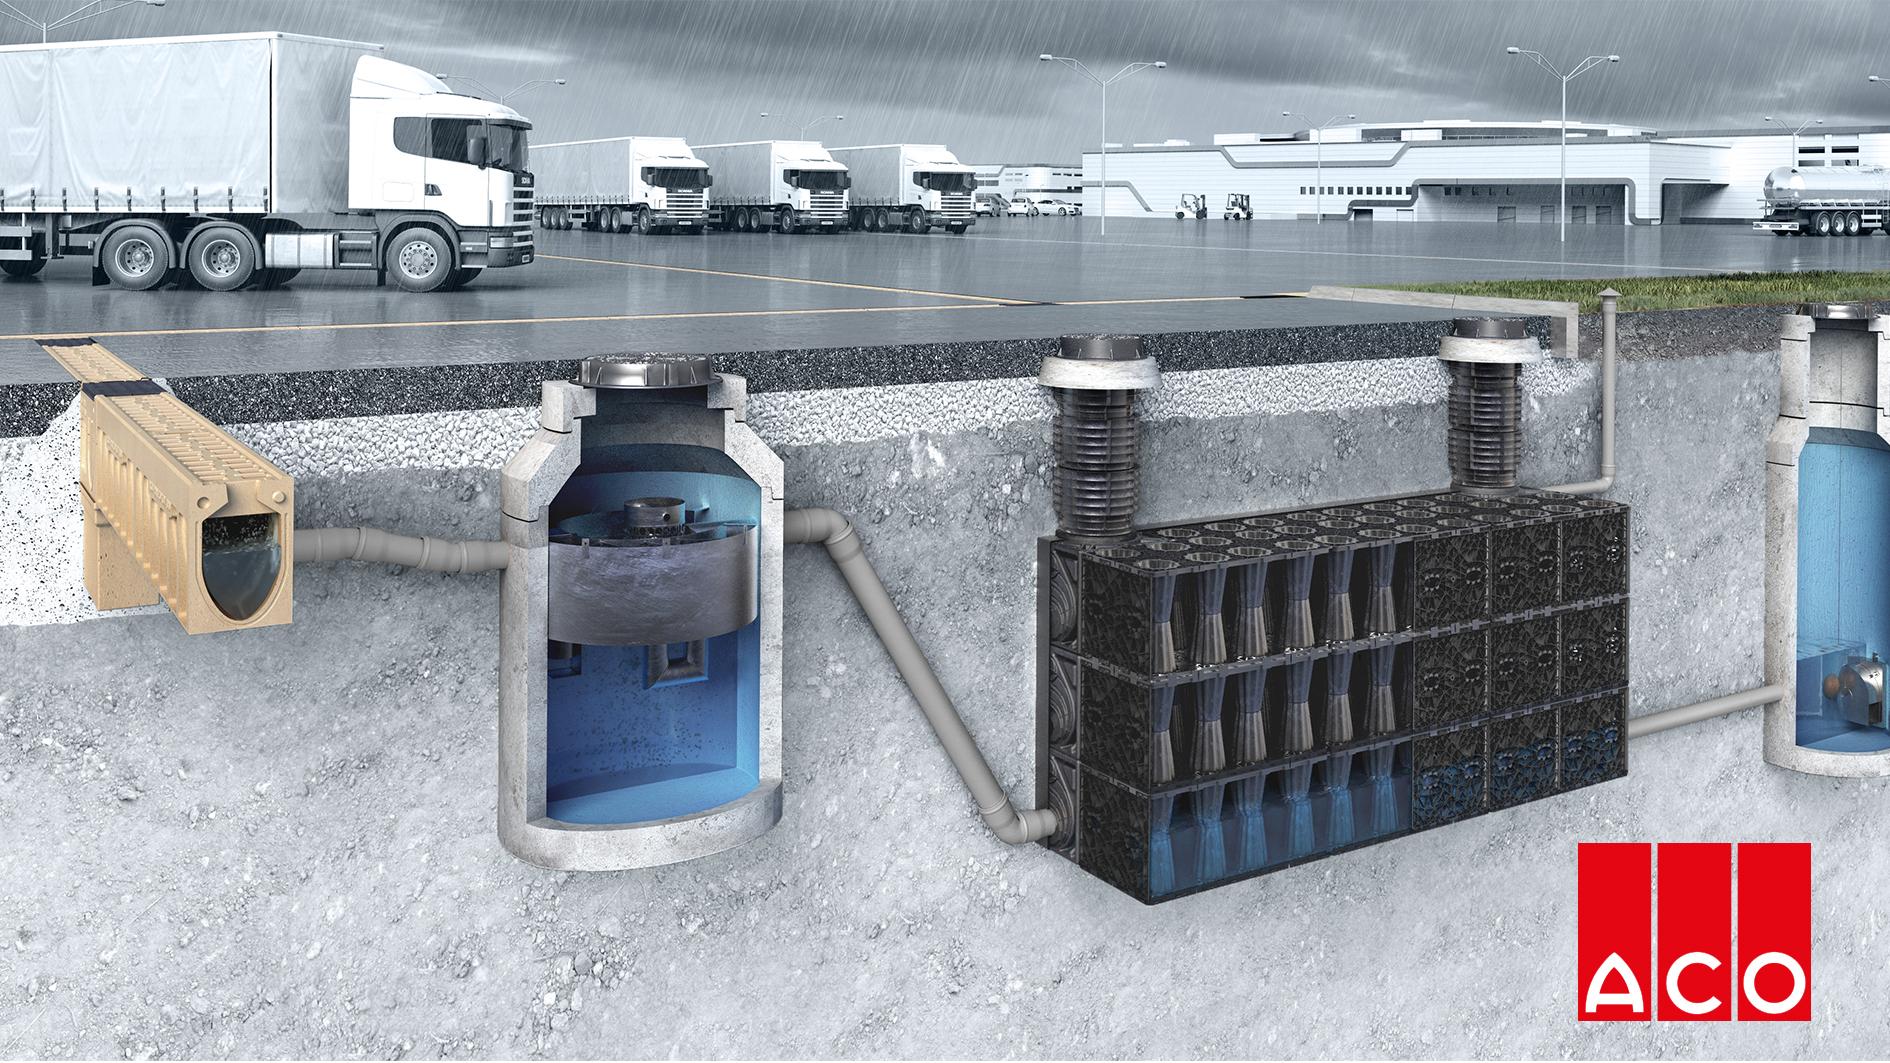 Beliebt Regenwasser speichern – zum Schutz für Mensch und Natur - REPORT UU06